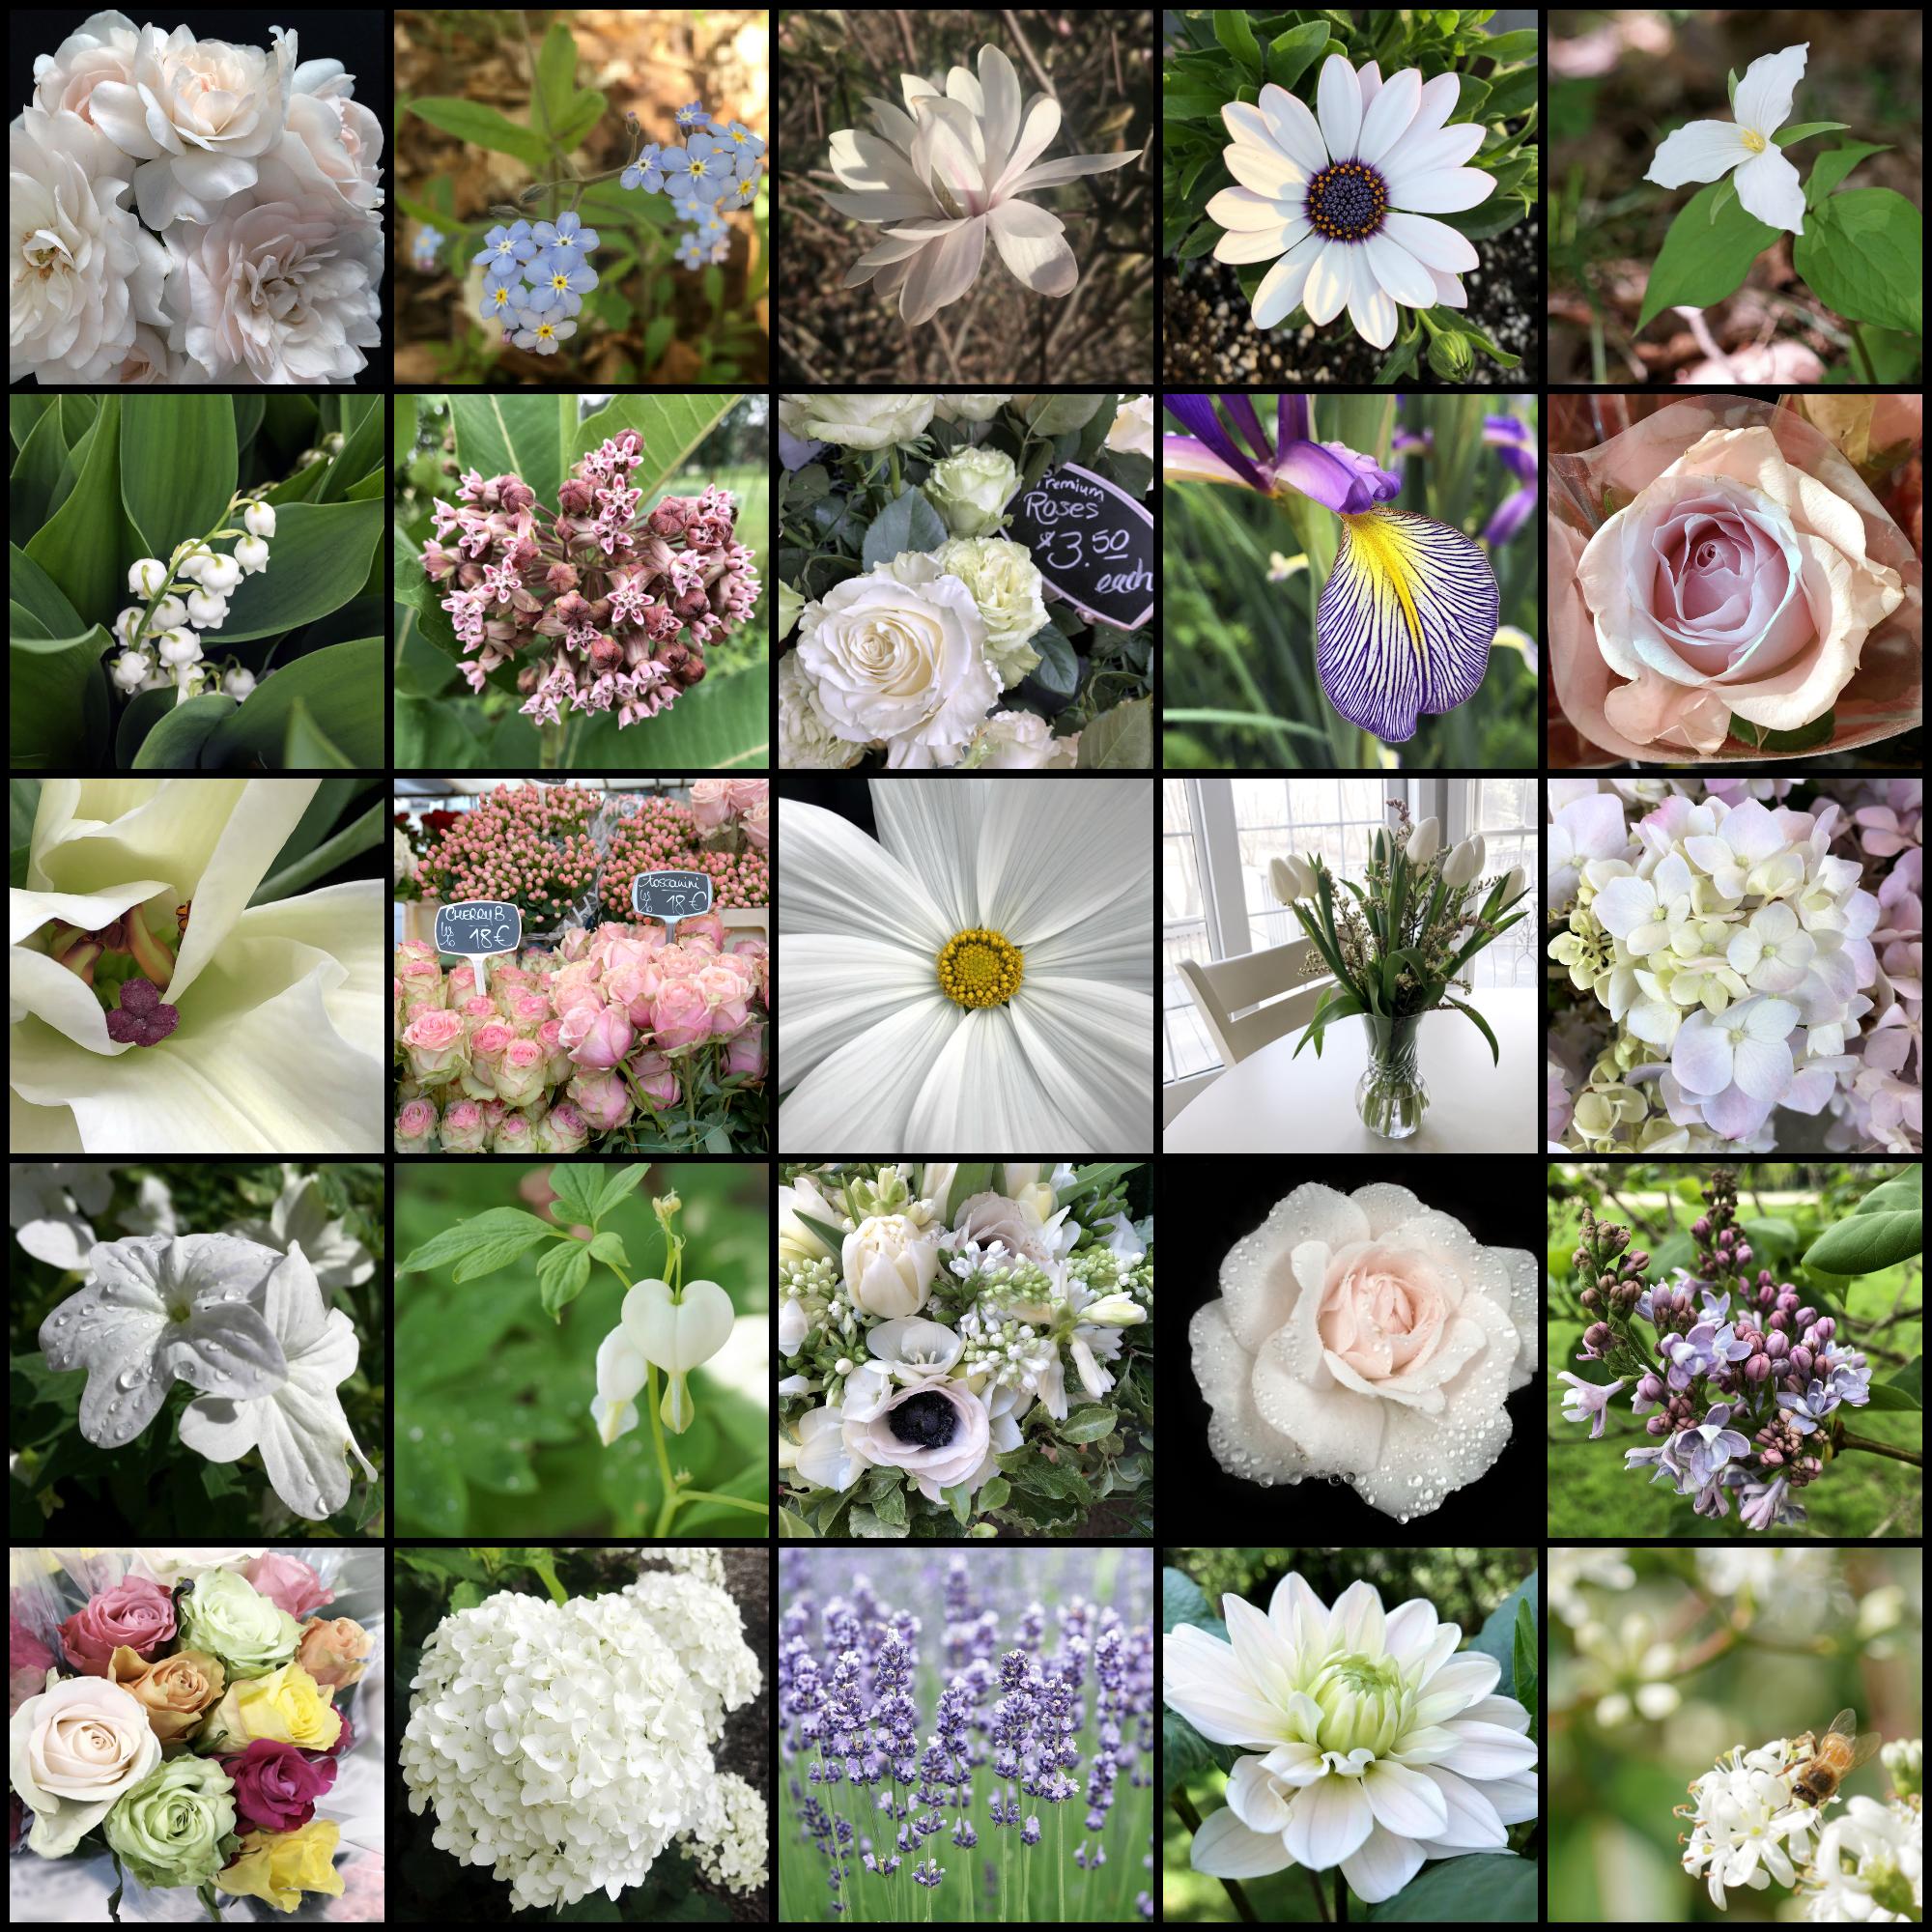 les fleurs | flowers